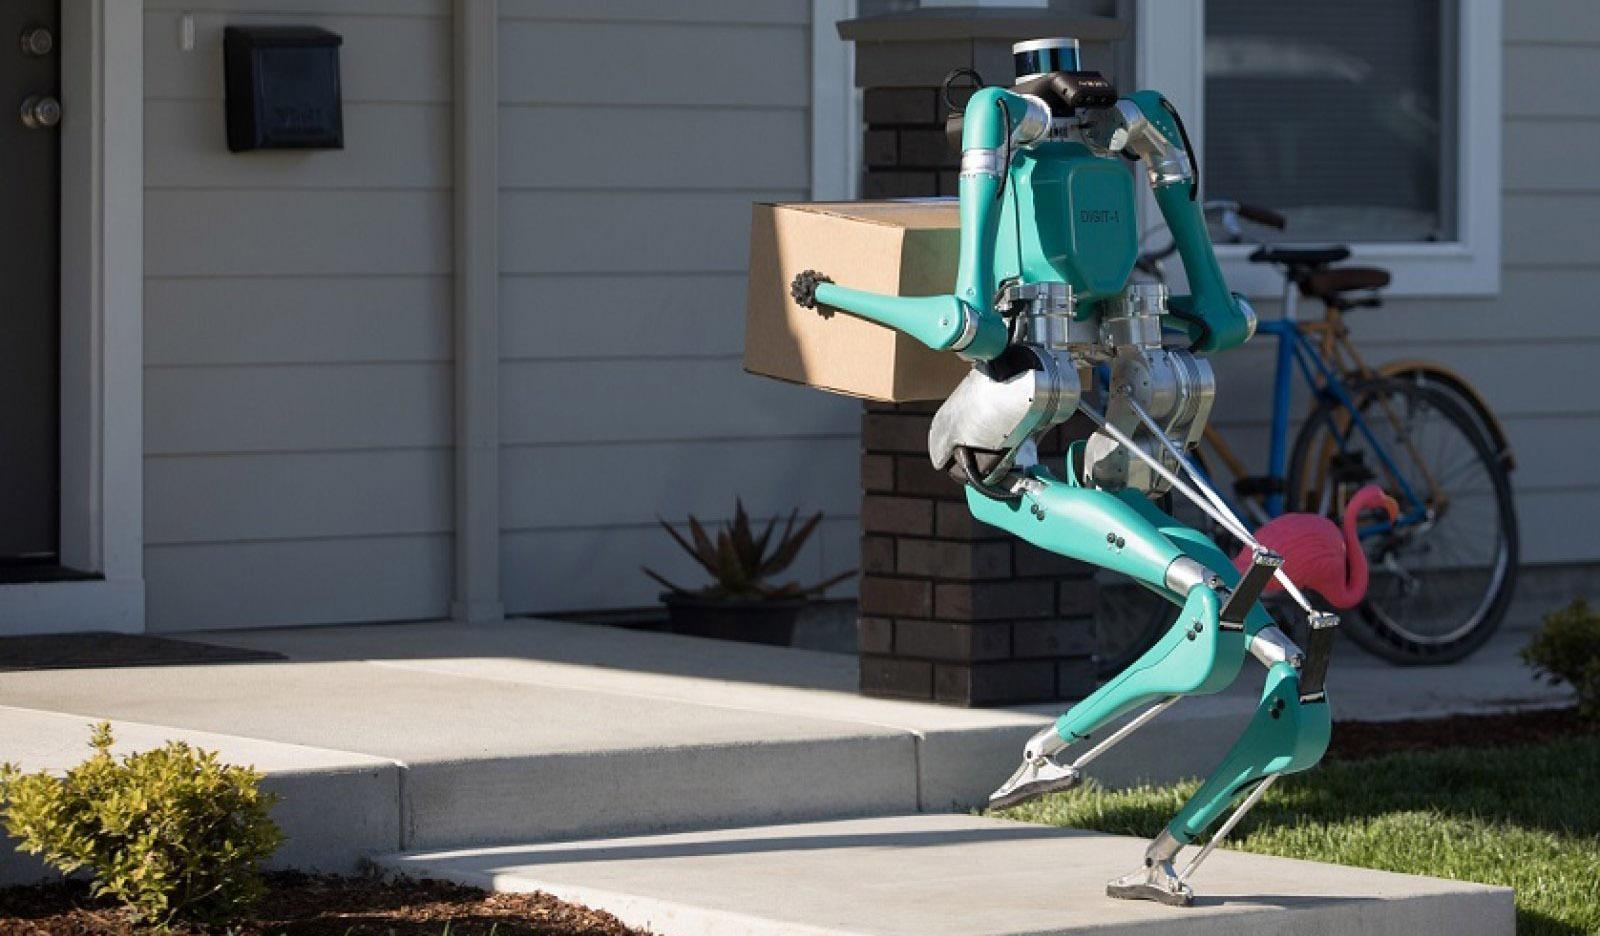 Гуманоидные роботы-почтальоны будут лично вручать посылки получателям